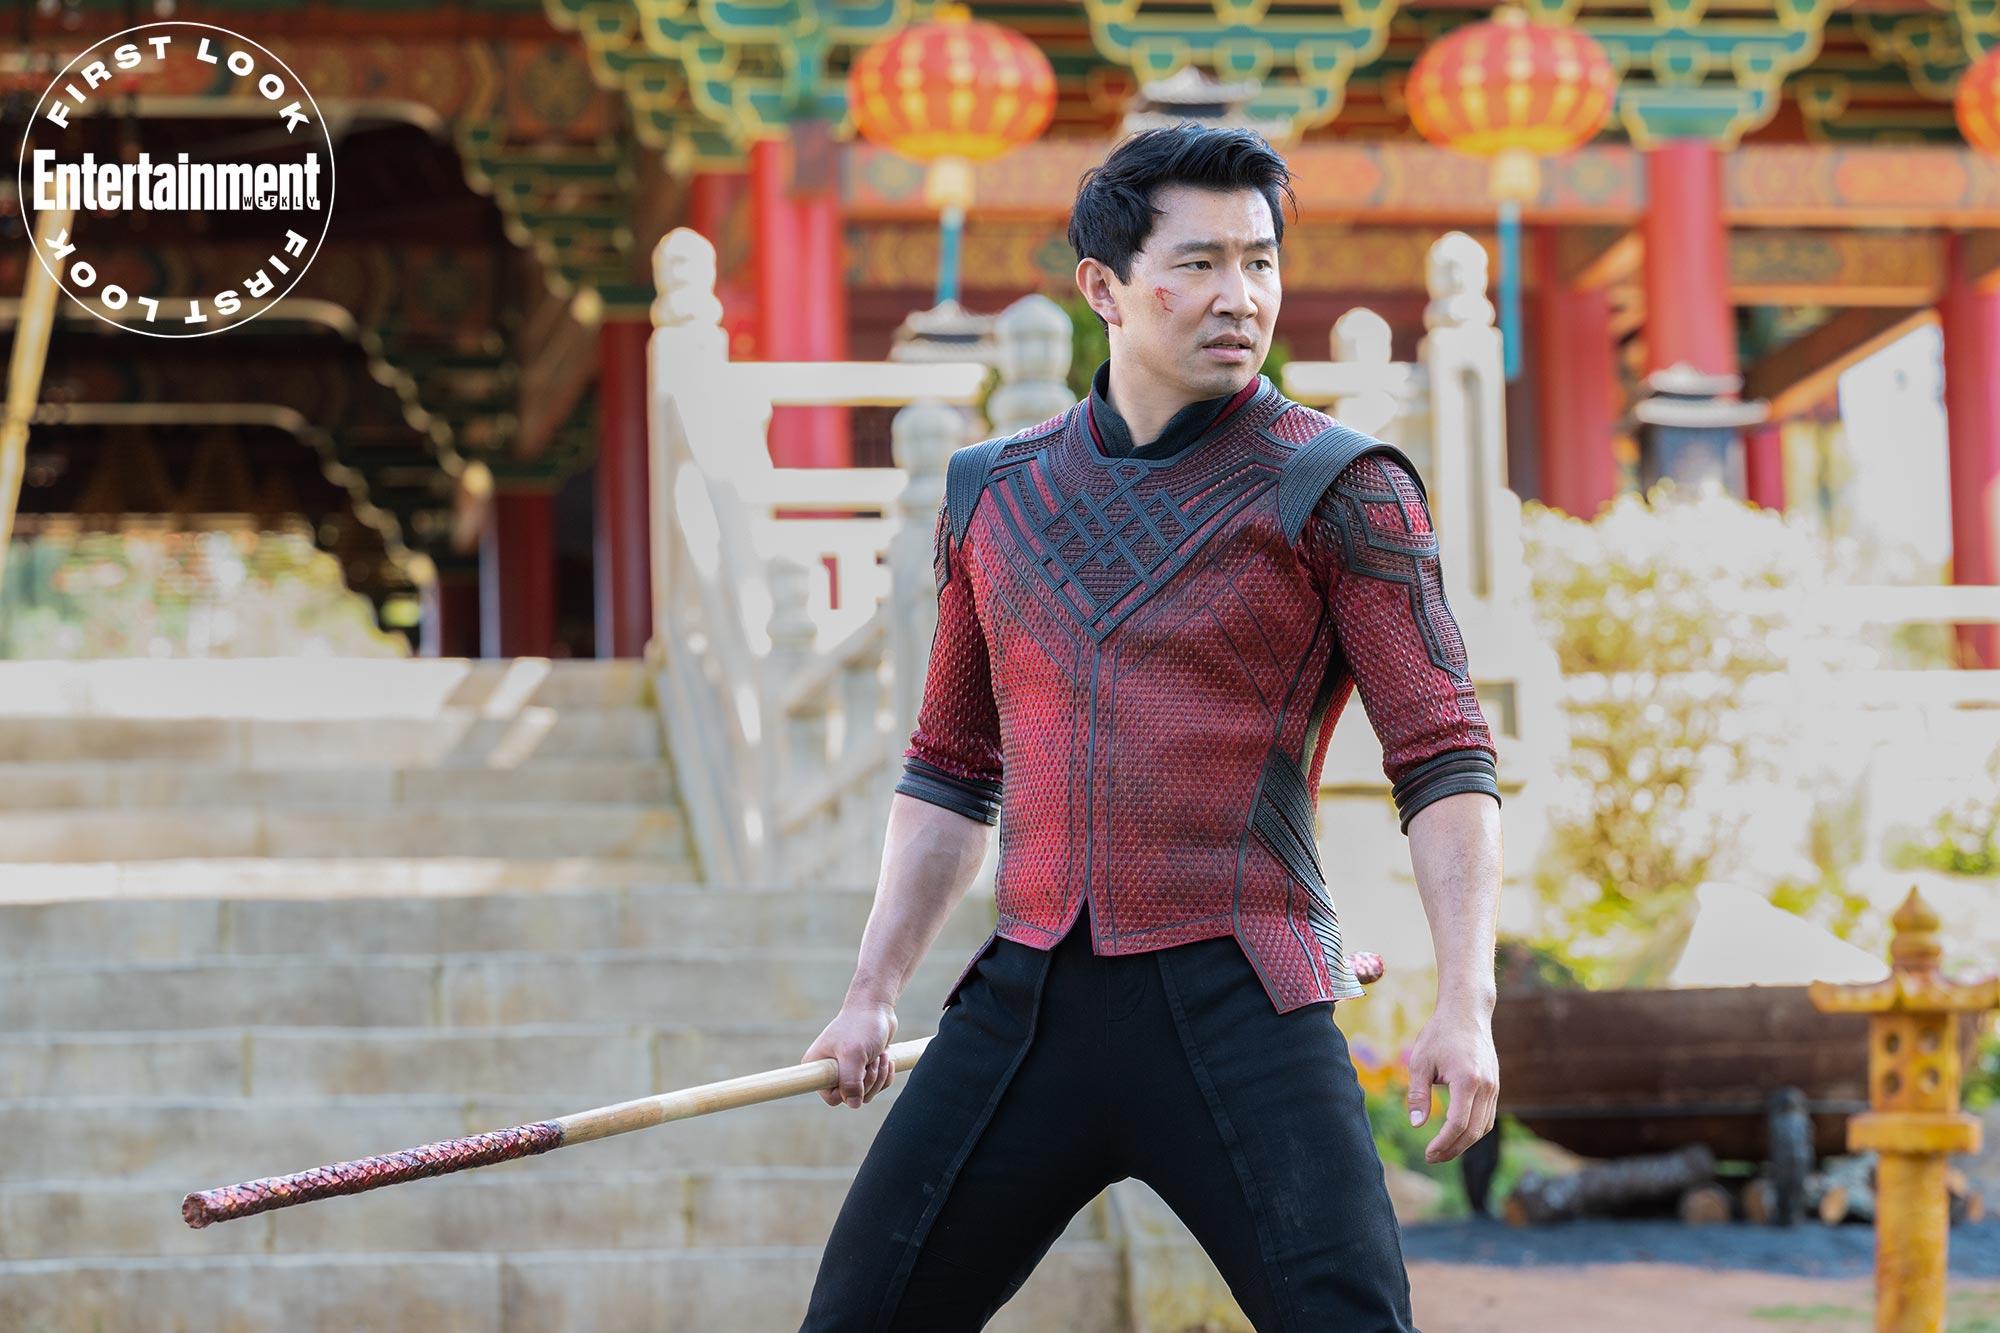 Shang-Chi apresenta personagens de Simu Liu e Awkwafina nas primeiras imagens do filme da Marvel